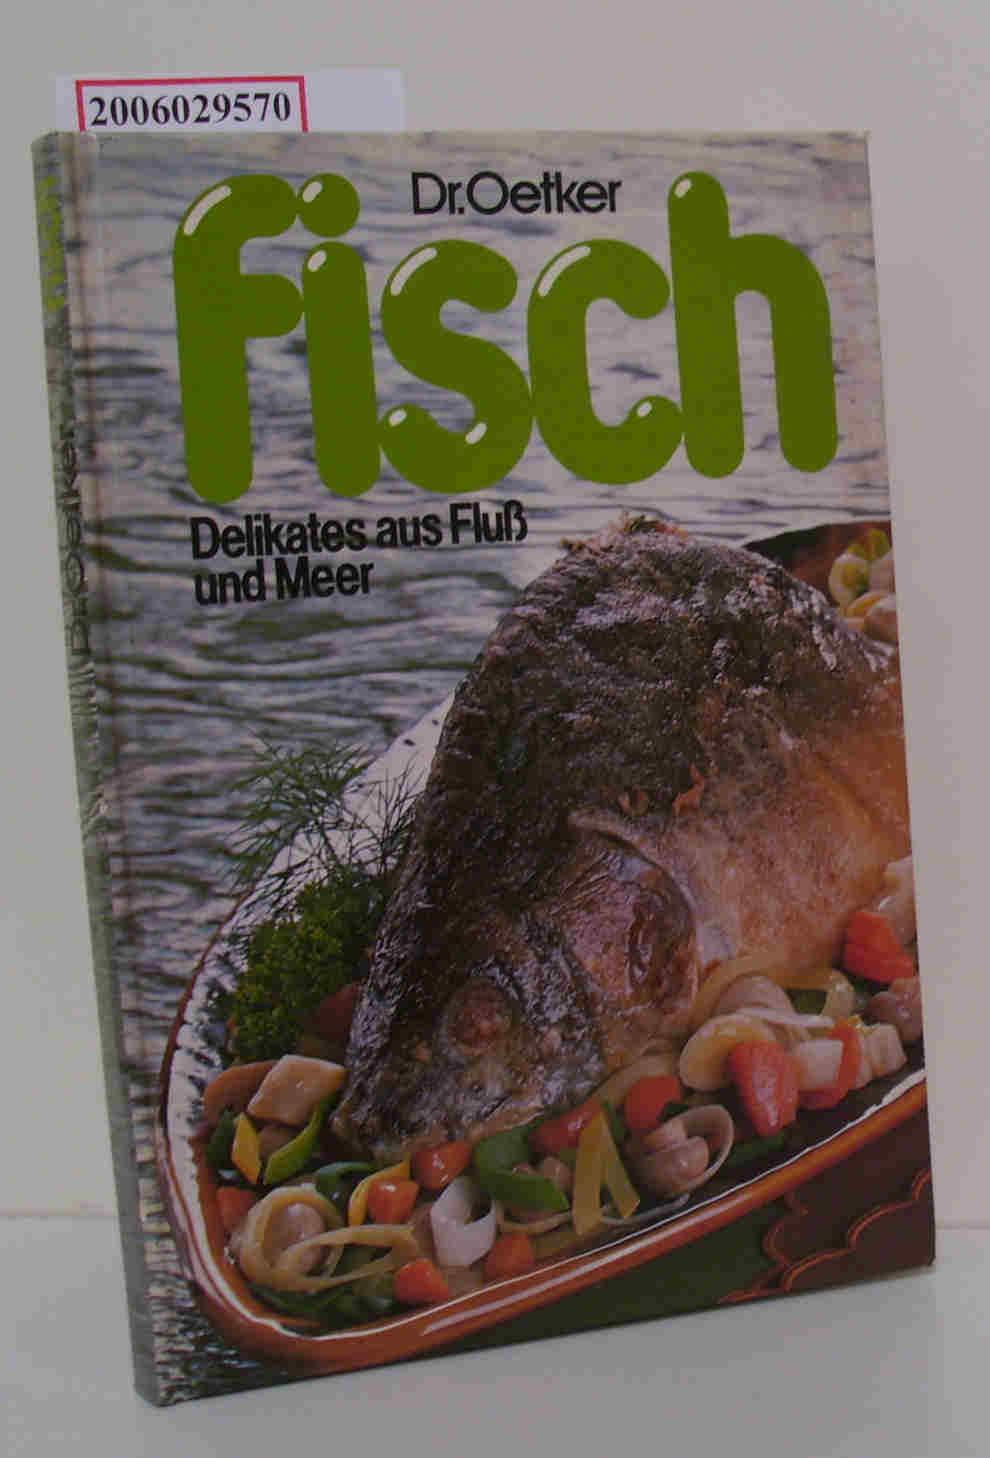 Dr. Oetker - Fisch - Delikates aus Fluß und Meer